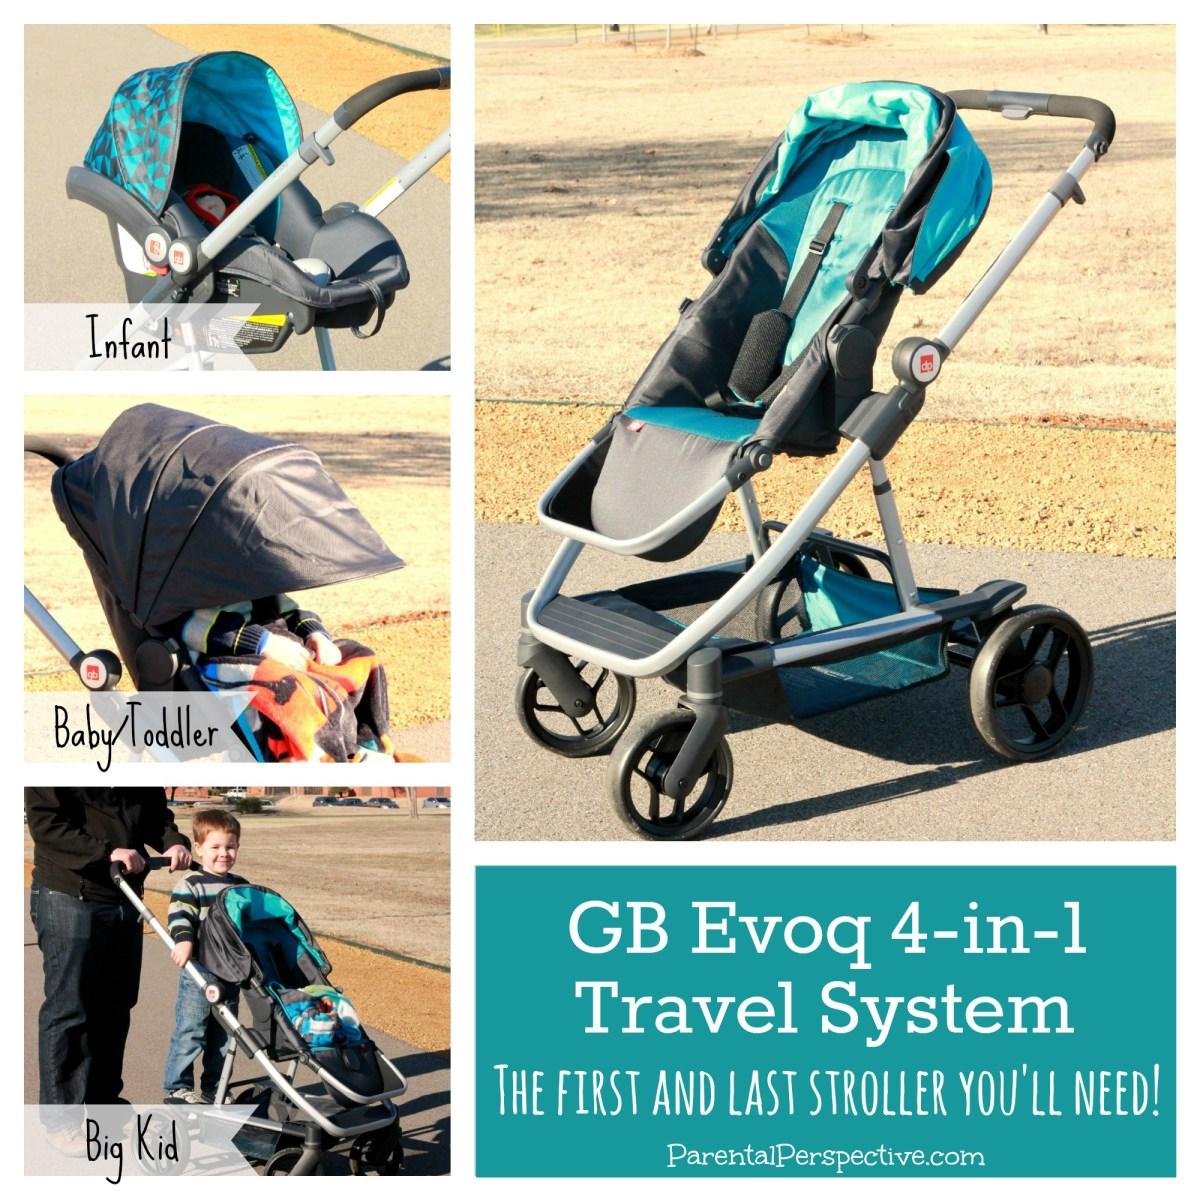 GB Evoq 4-in-1 Travel System